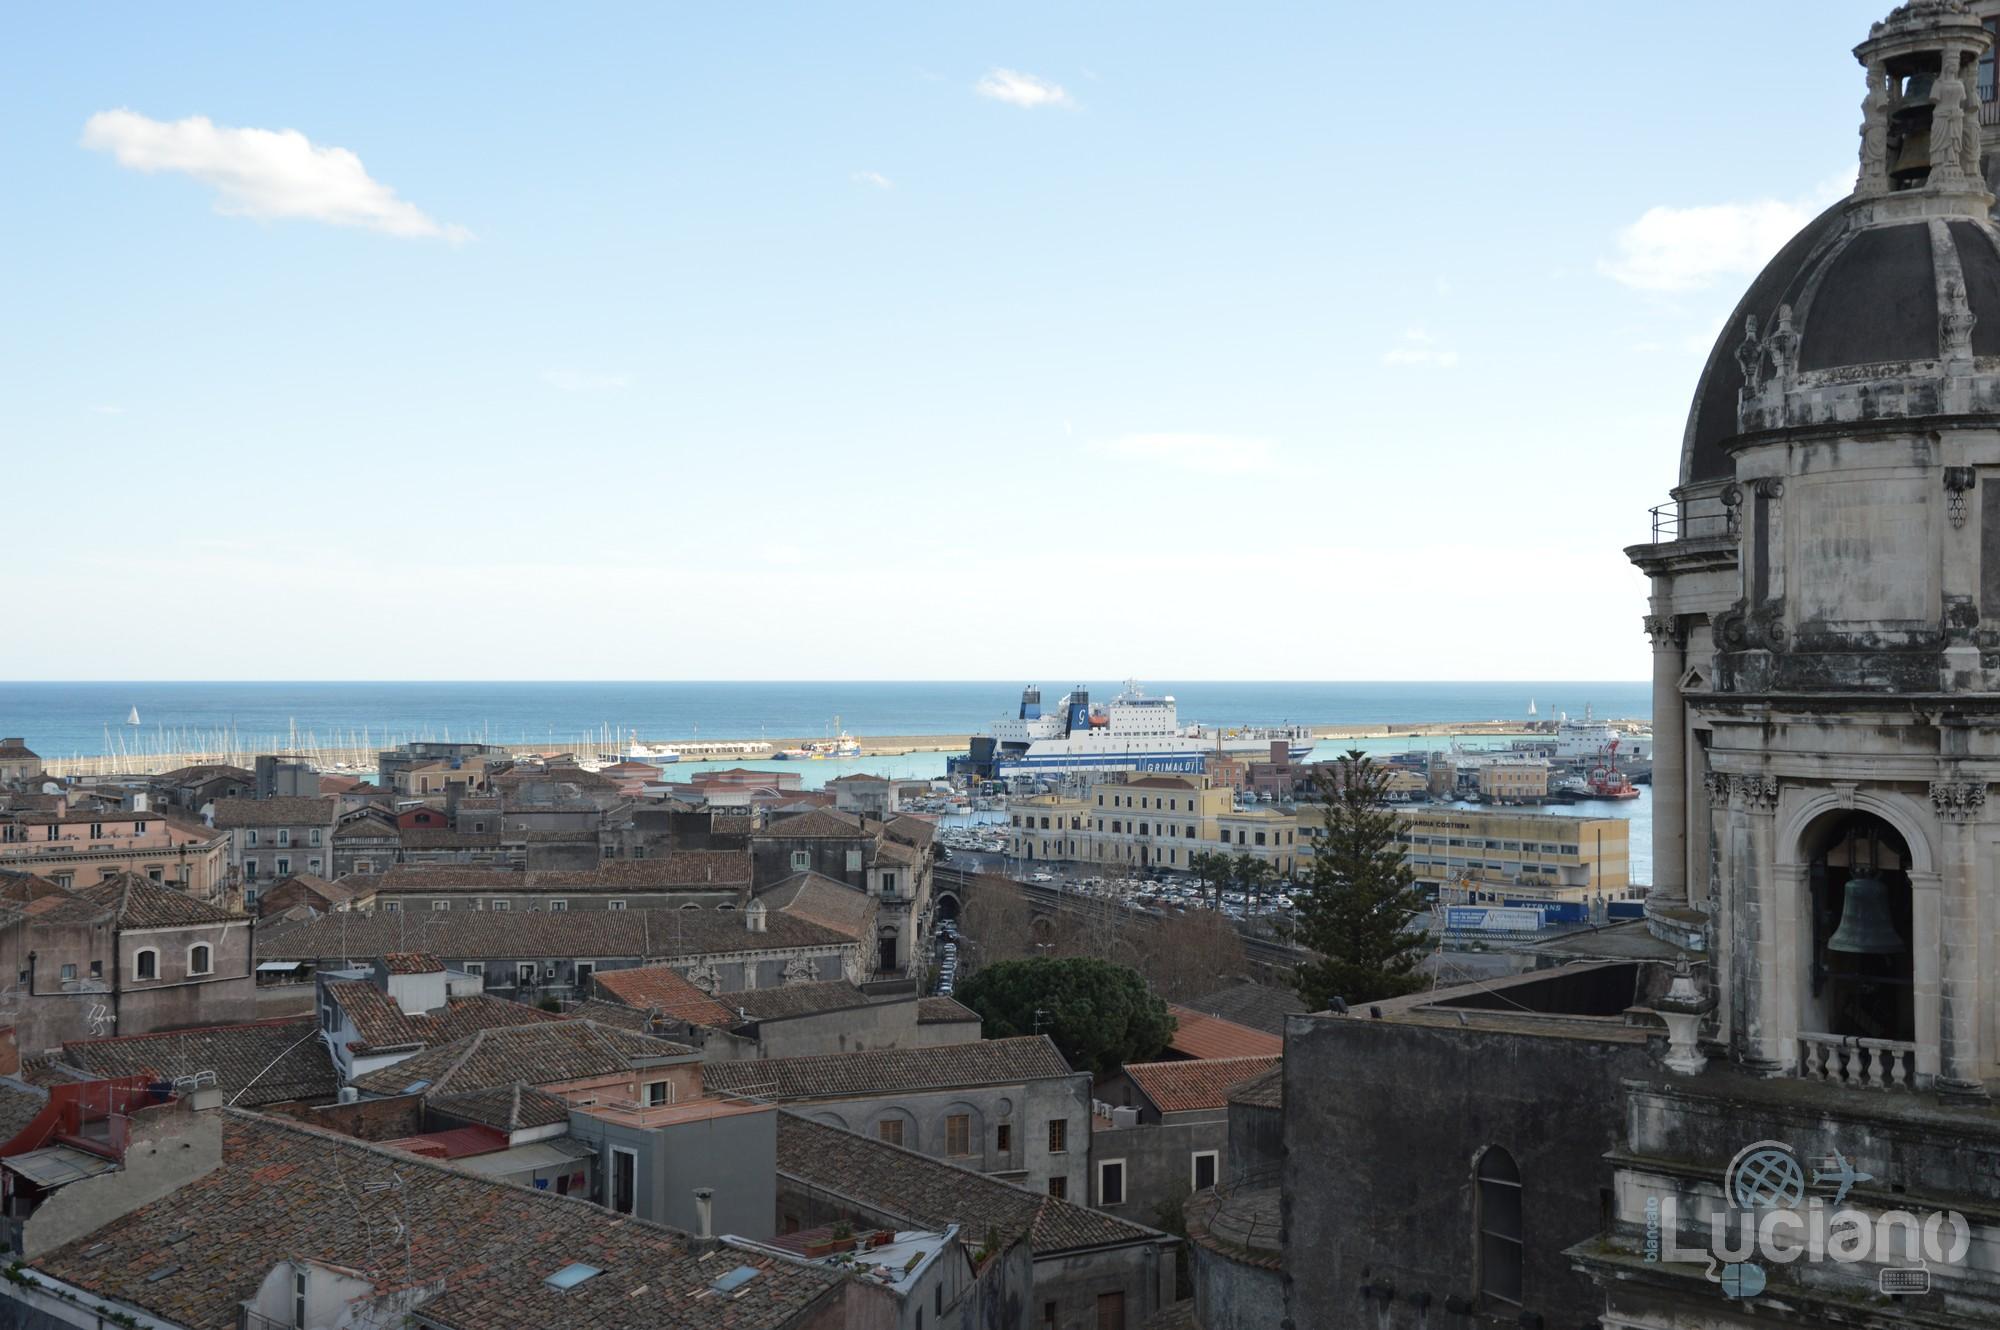 Vista del porto di Catania dalla cupola della Chiesa della Badia di Sant'Agata, durante i festeggiamenti per Sant'Agata 2019 - Catania (CT)